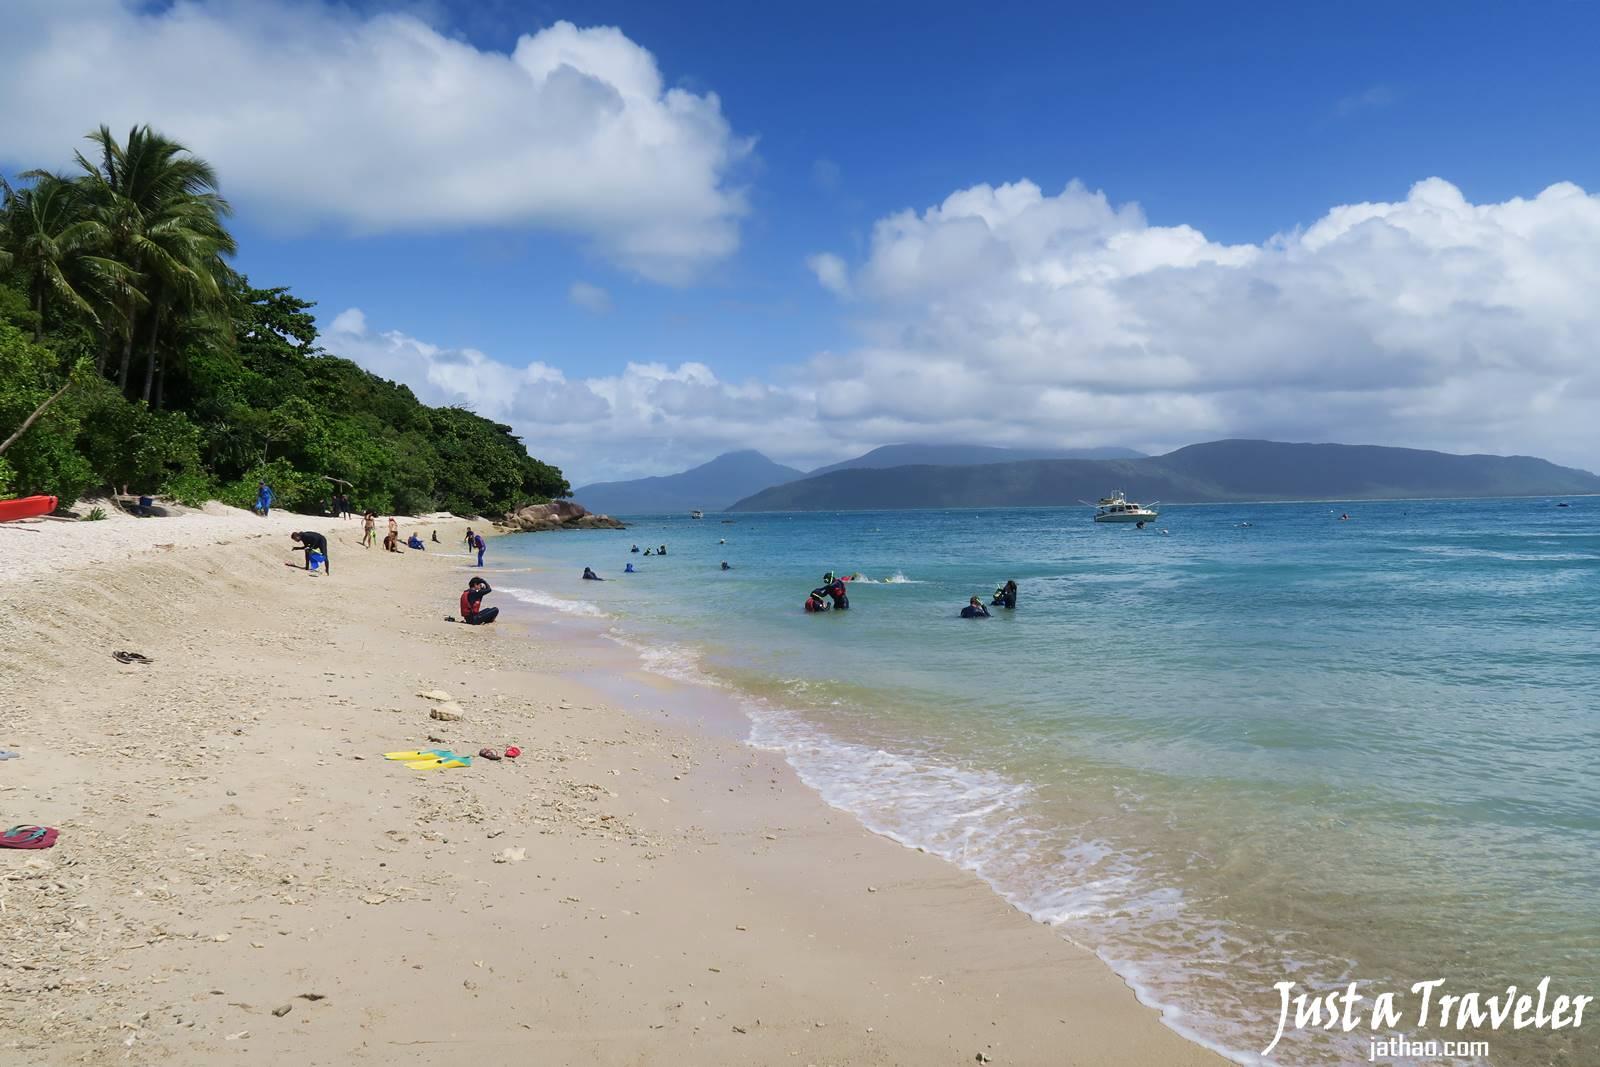 凱恩斯-大堡礁-翡翠島-海灘-內堡礁-浮潛-潛水-推薦-旅遊-自由行-澳洲-Carins-Great-Barrier-Reef-Fitzroy-Island-Beach-Snorkel-Diving-Travel-Australia